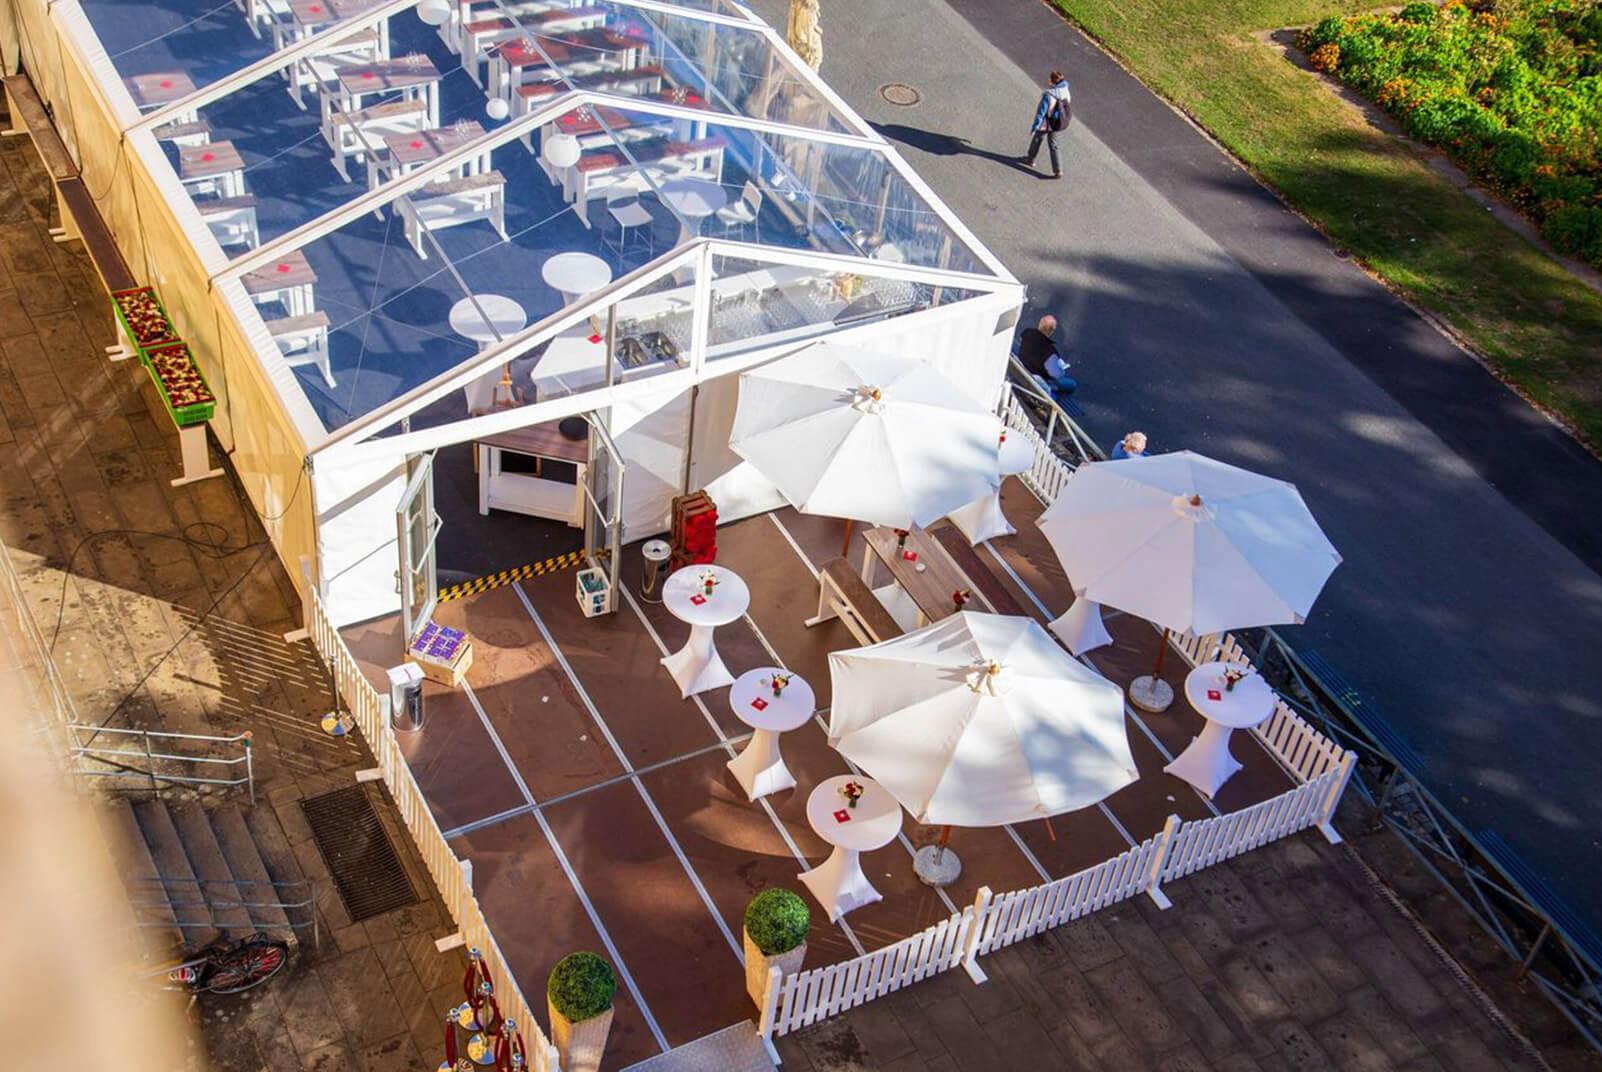 weißes Zelt mit weißen Schirmen und Stehtischen davor